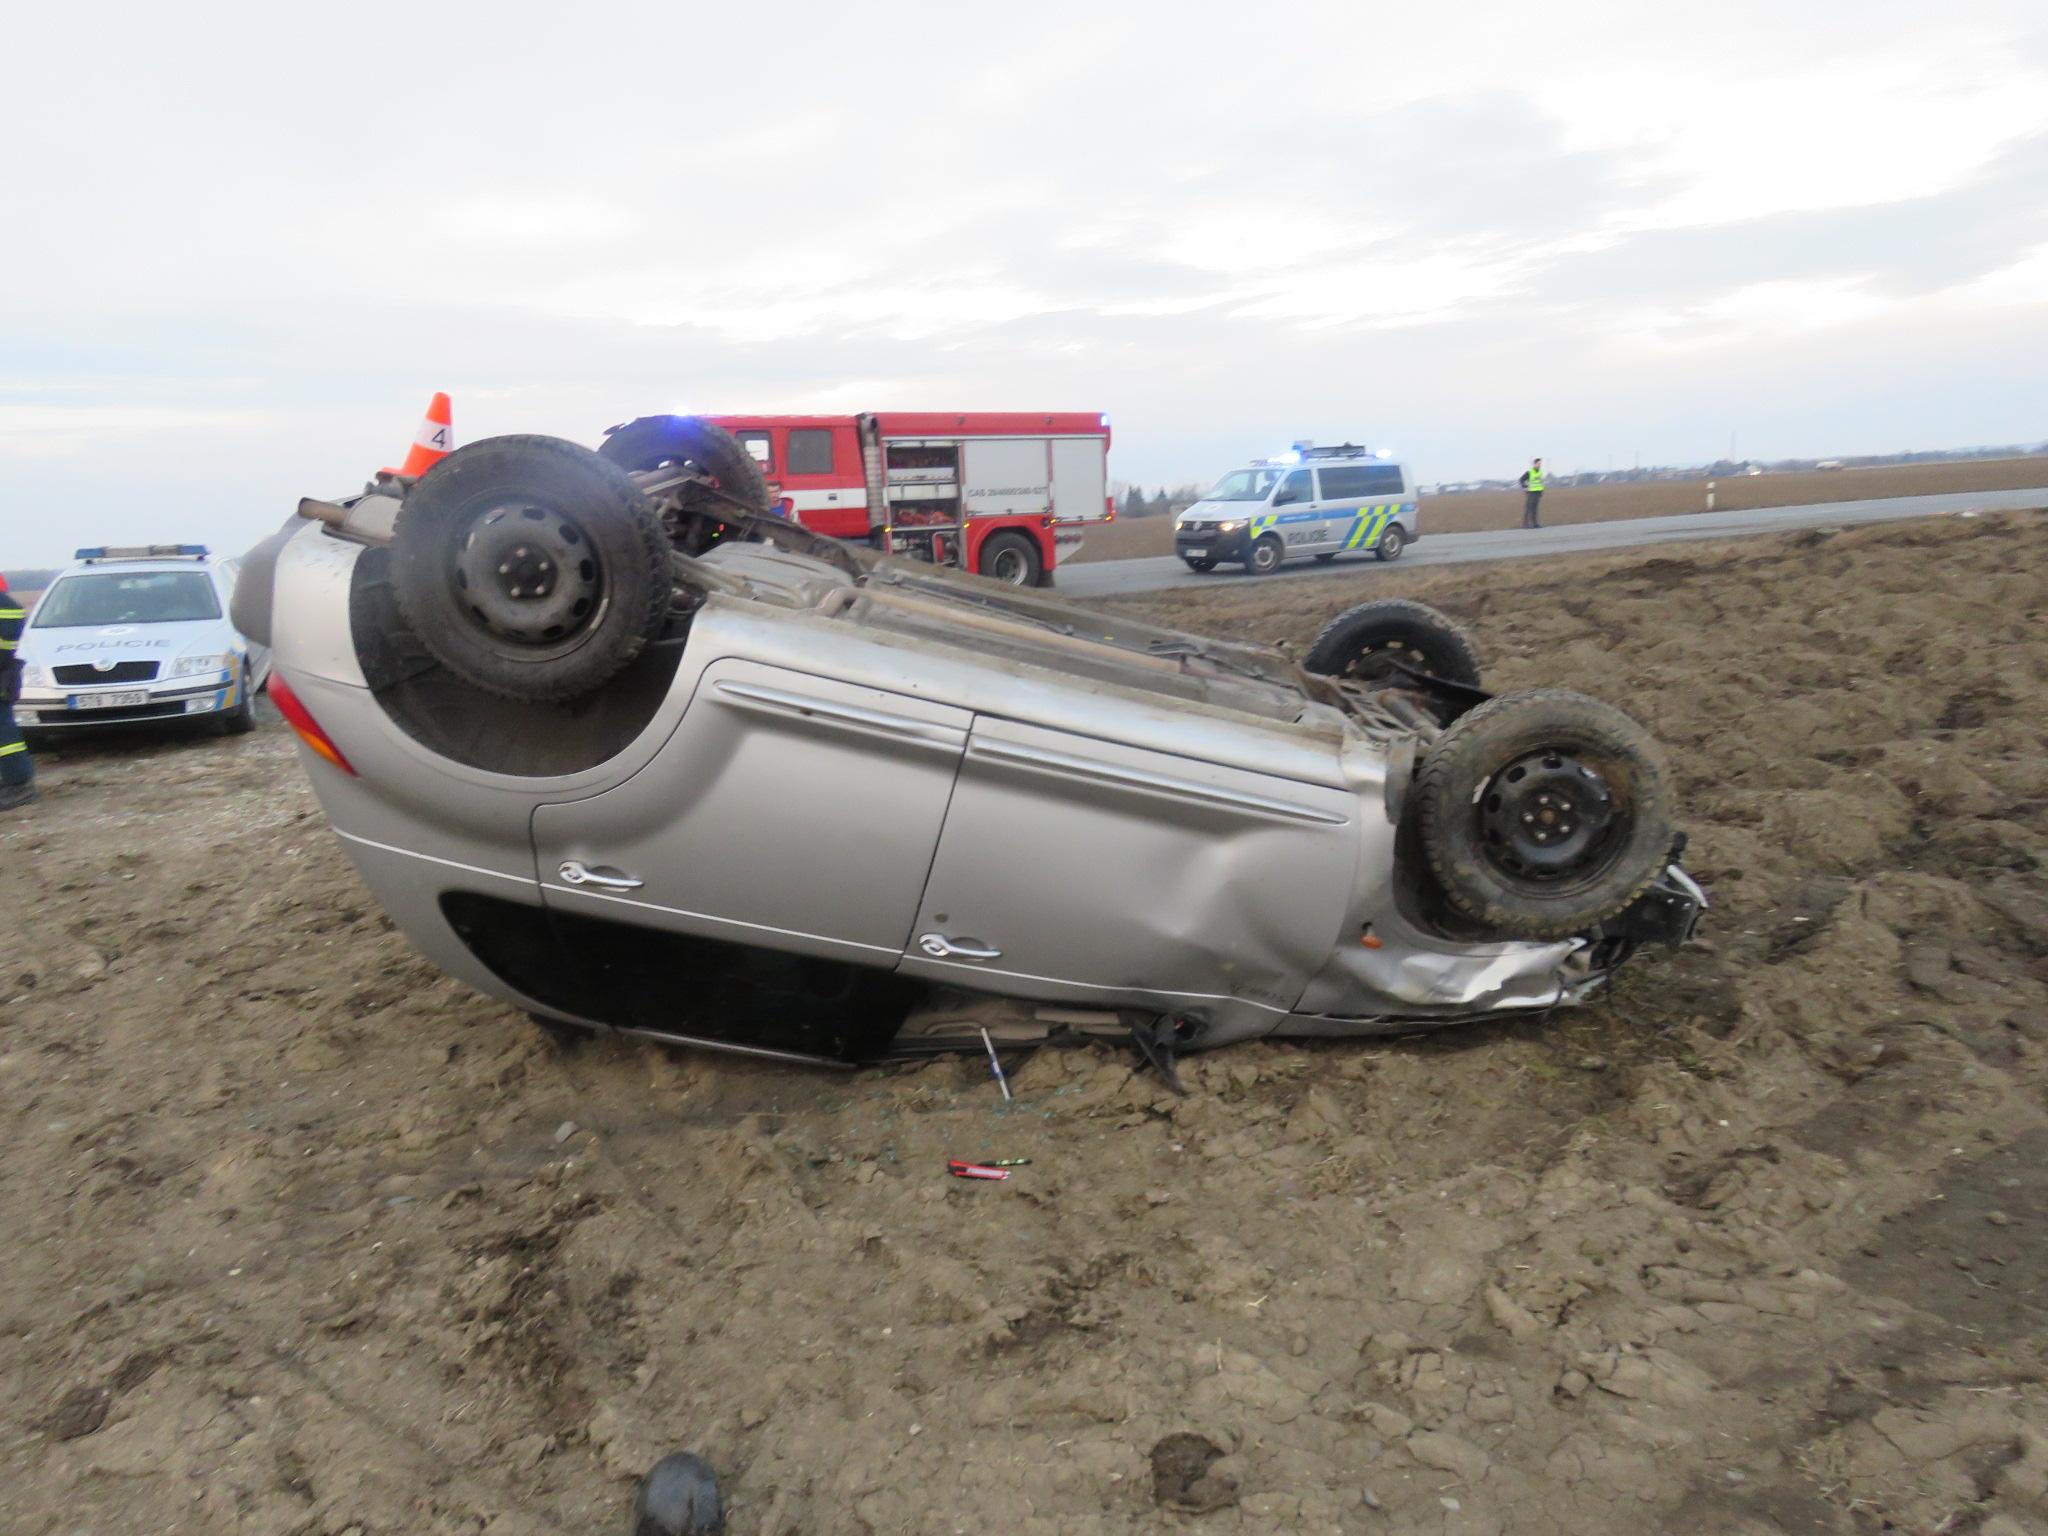 U Henčlova včera řidič obrátil auto na střechu, vyvázl jen s lehkým zraněním